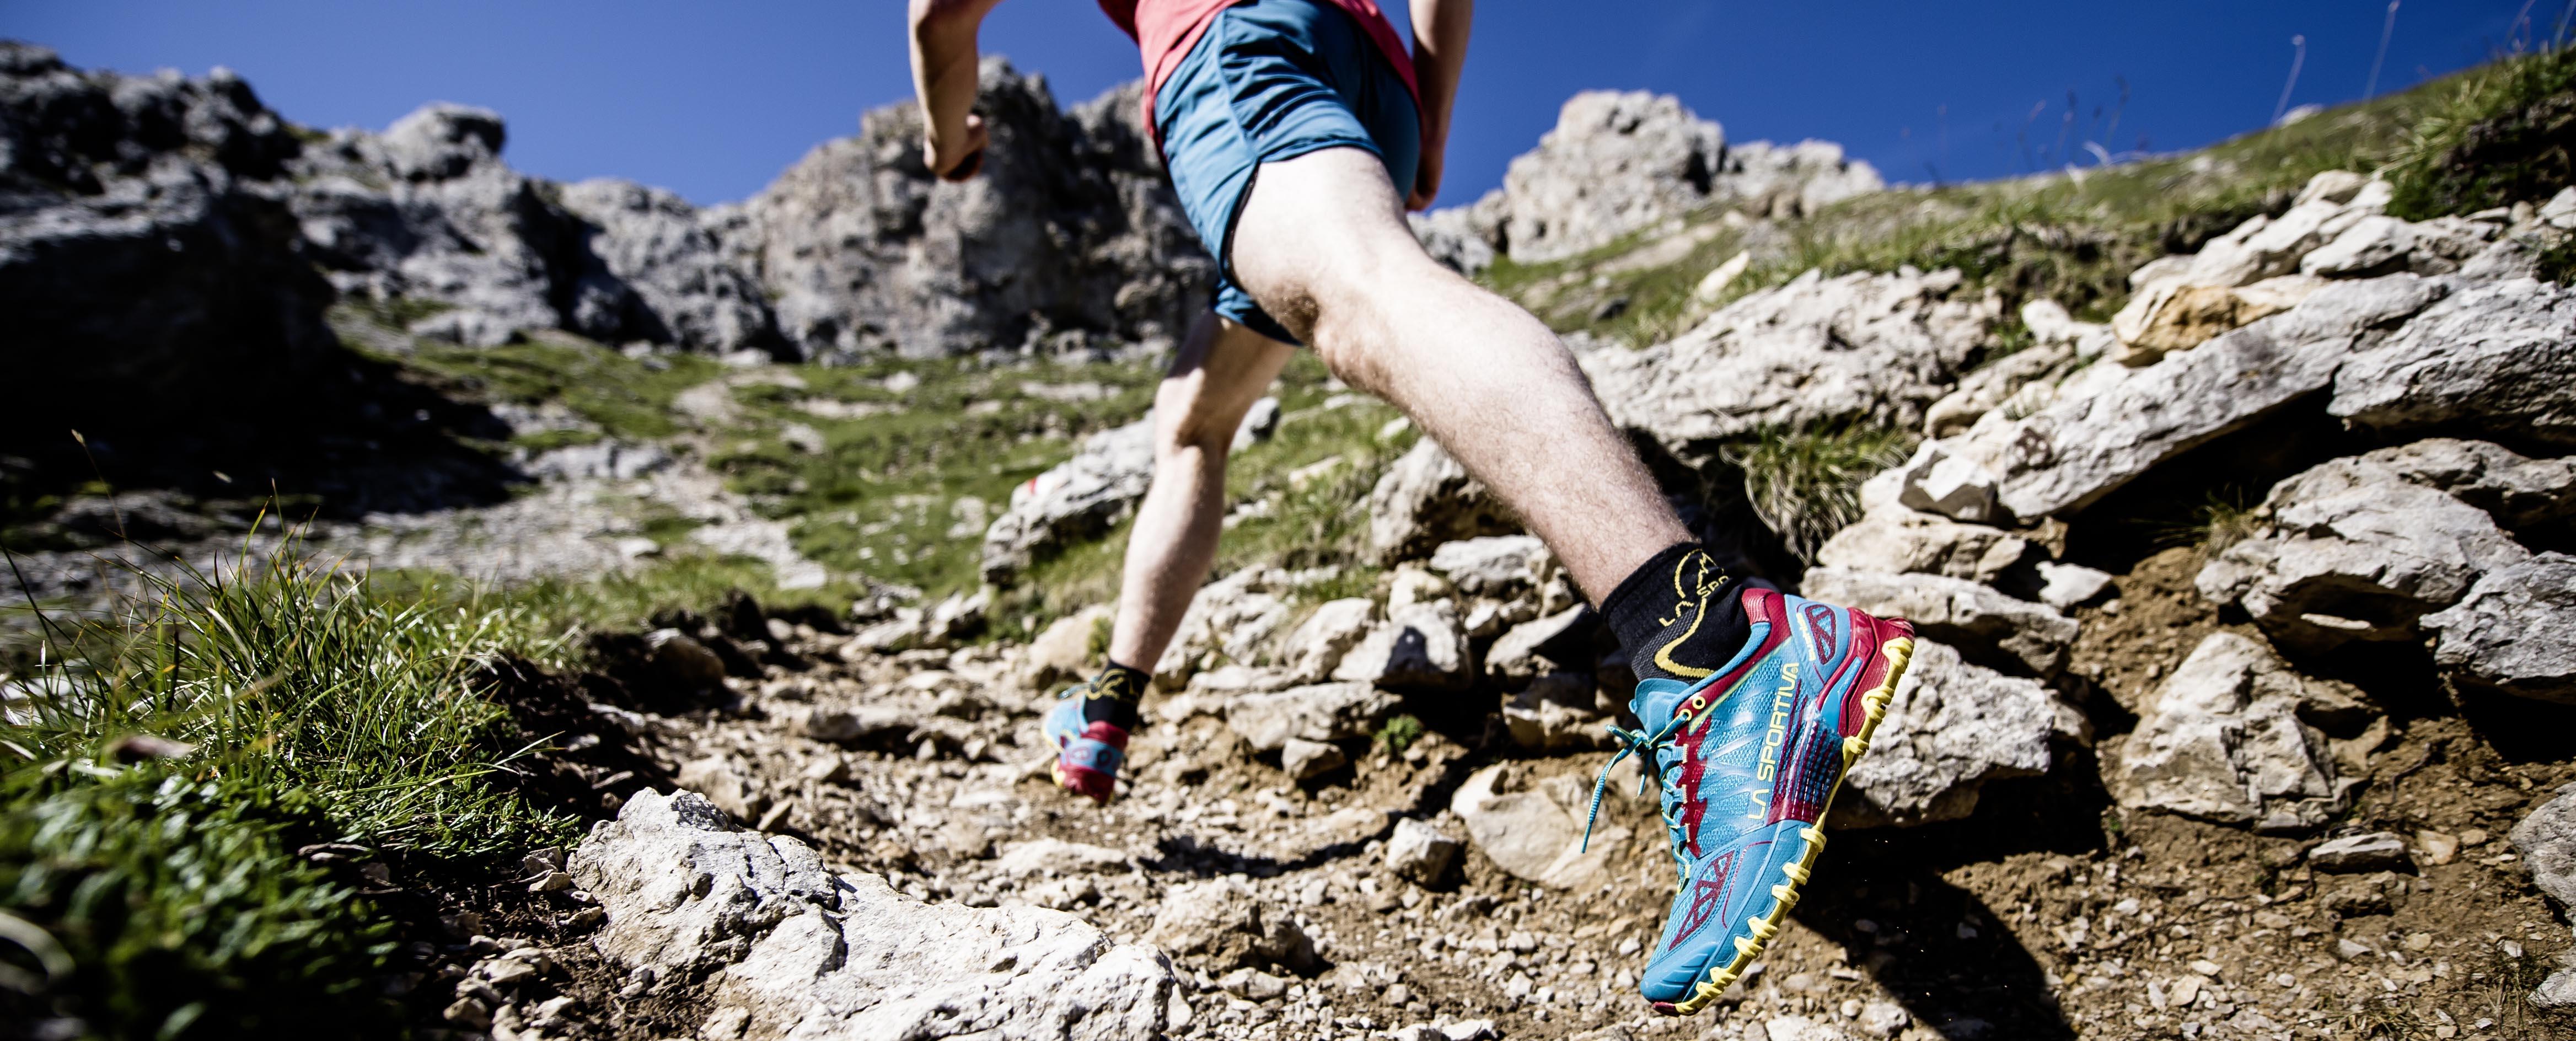 VODIČ ZA ZAČETNIKE: Kako se lotiti gorskega teka?